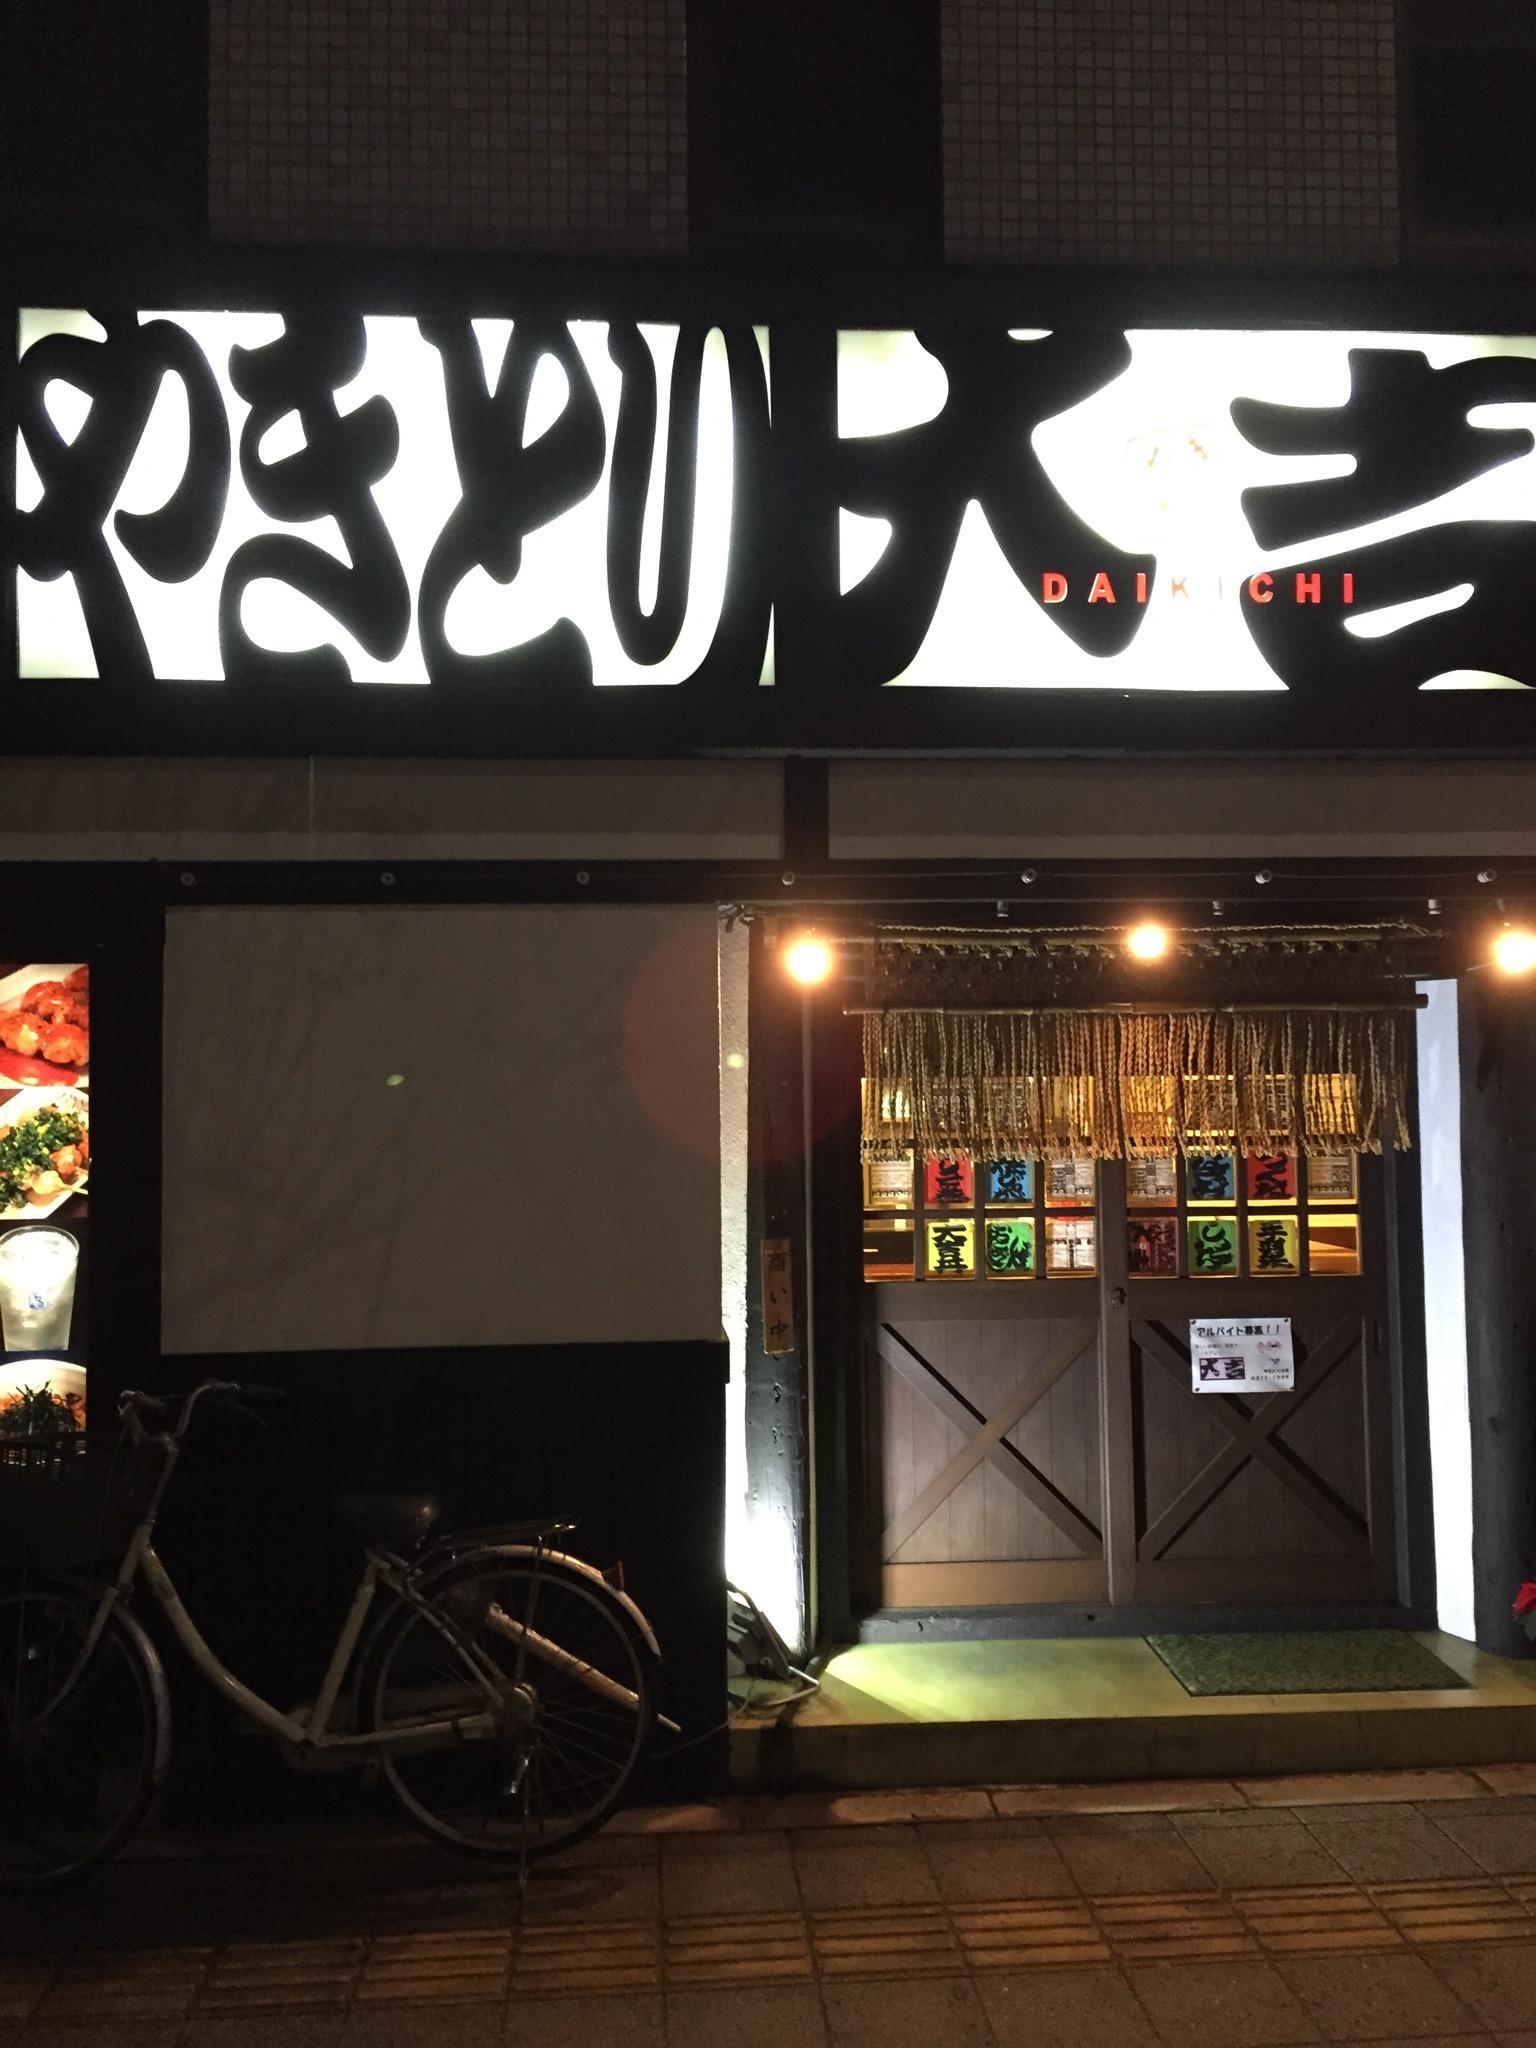 京都では焼鳥の大吉の看板がおかしな事になっている!